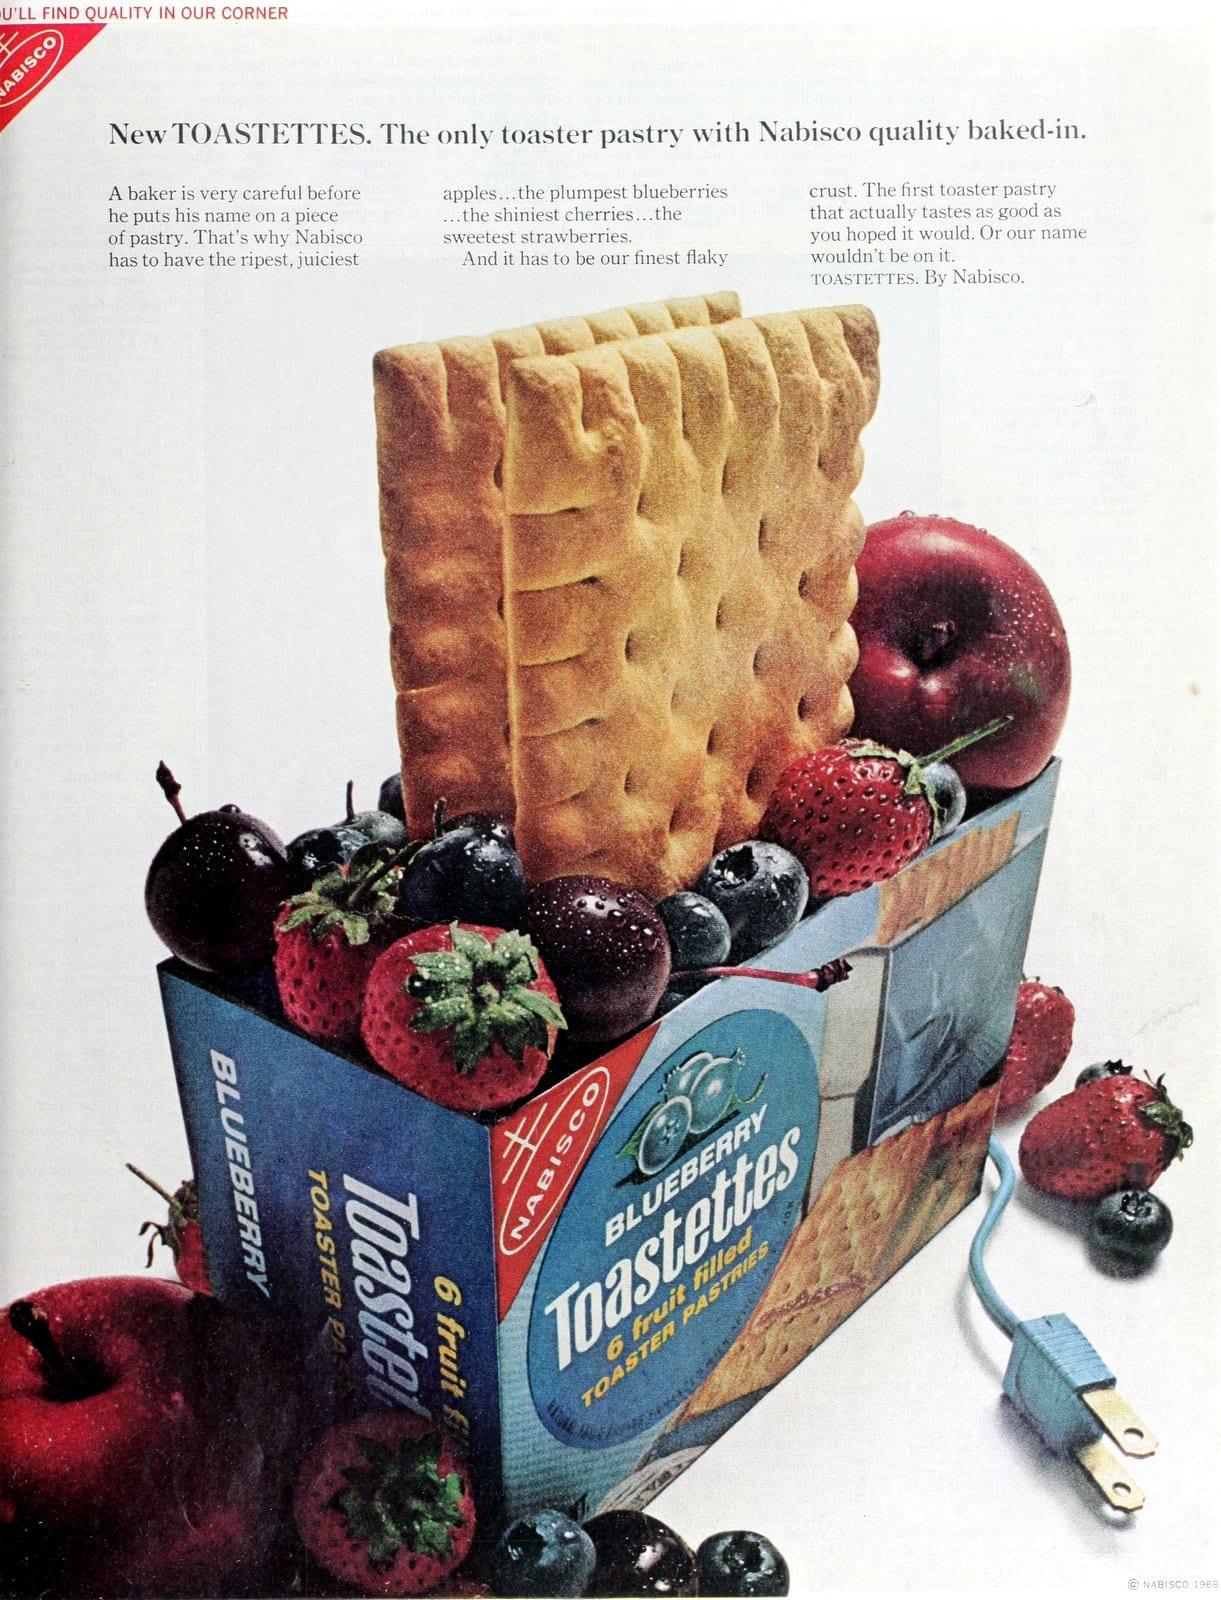 Blueberry Toastettes toaster pastries (1968)